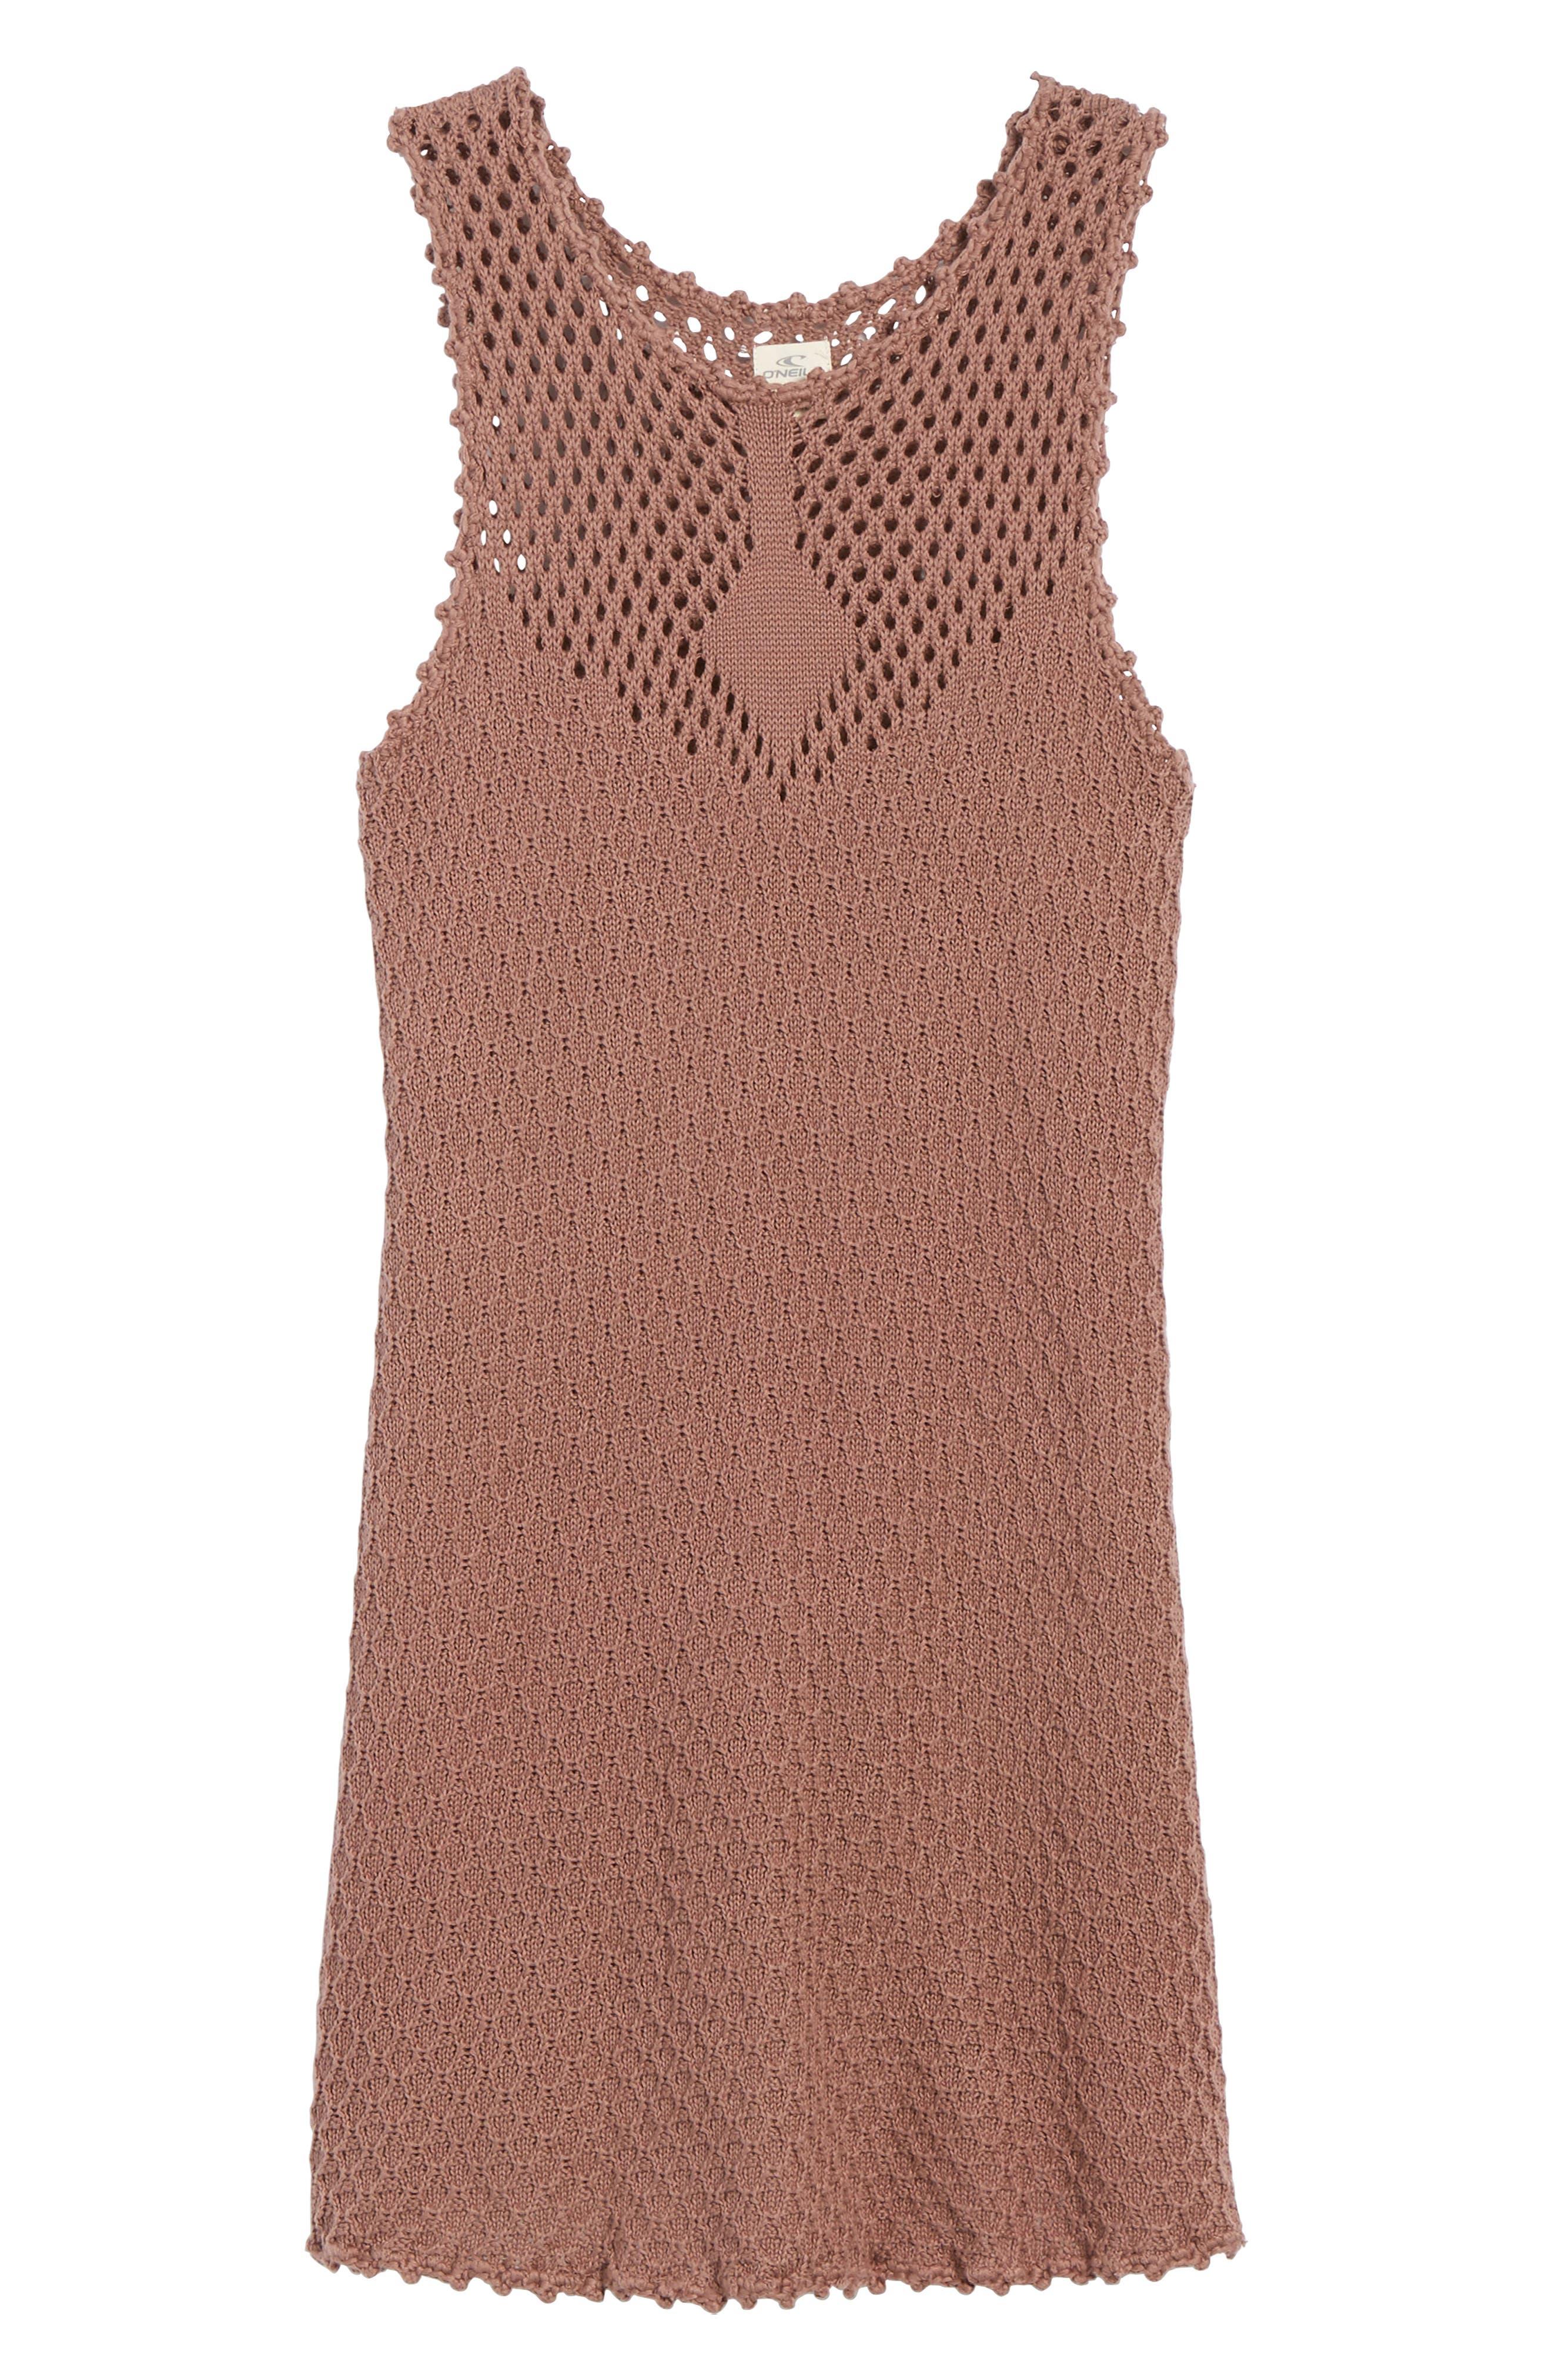 Juno Knit Dress,                             Alternate thumbnail 6, color,                             200